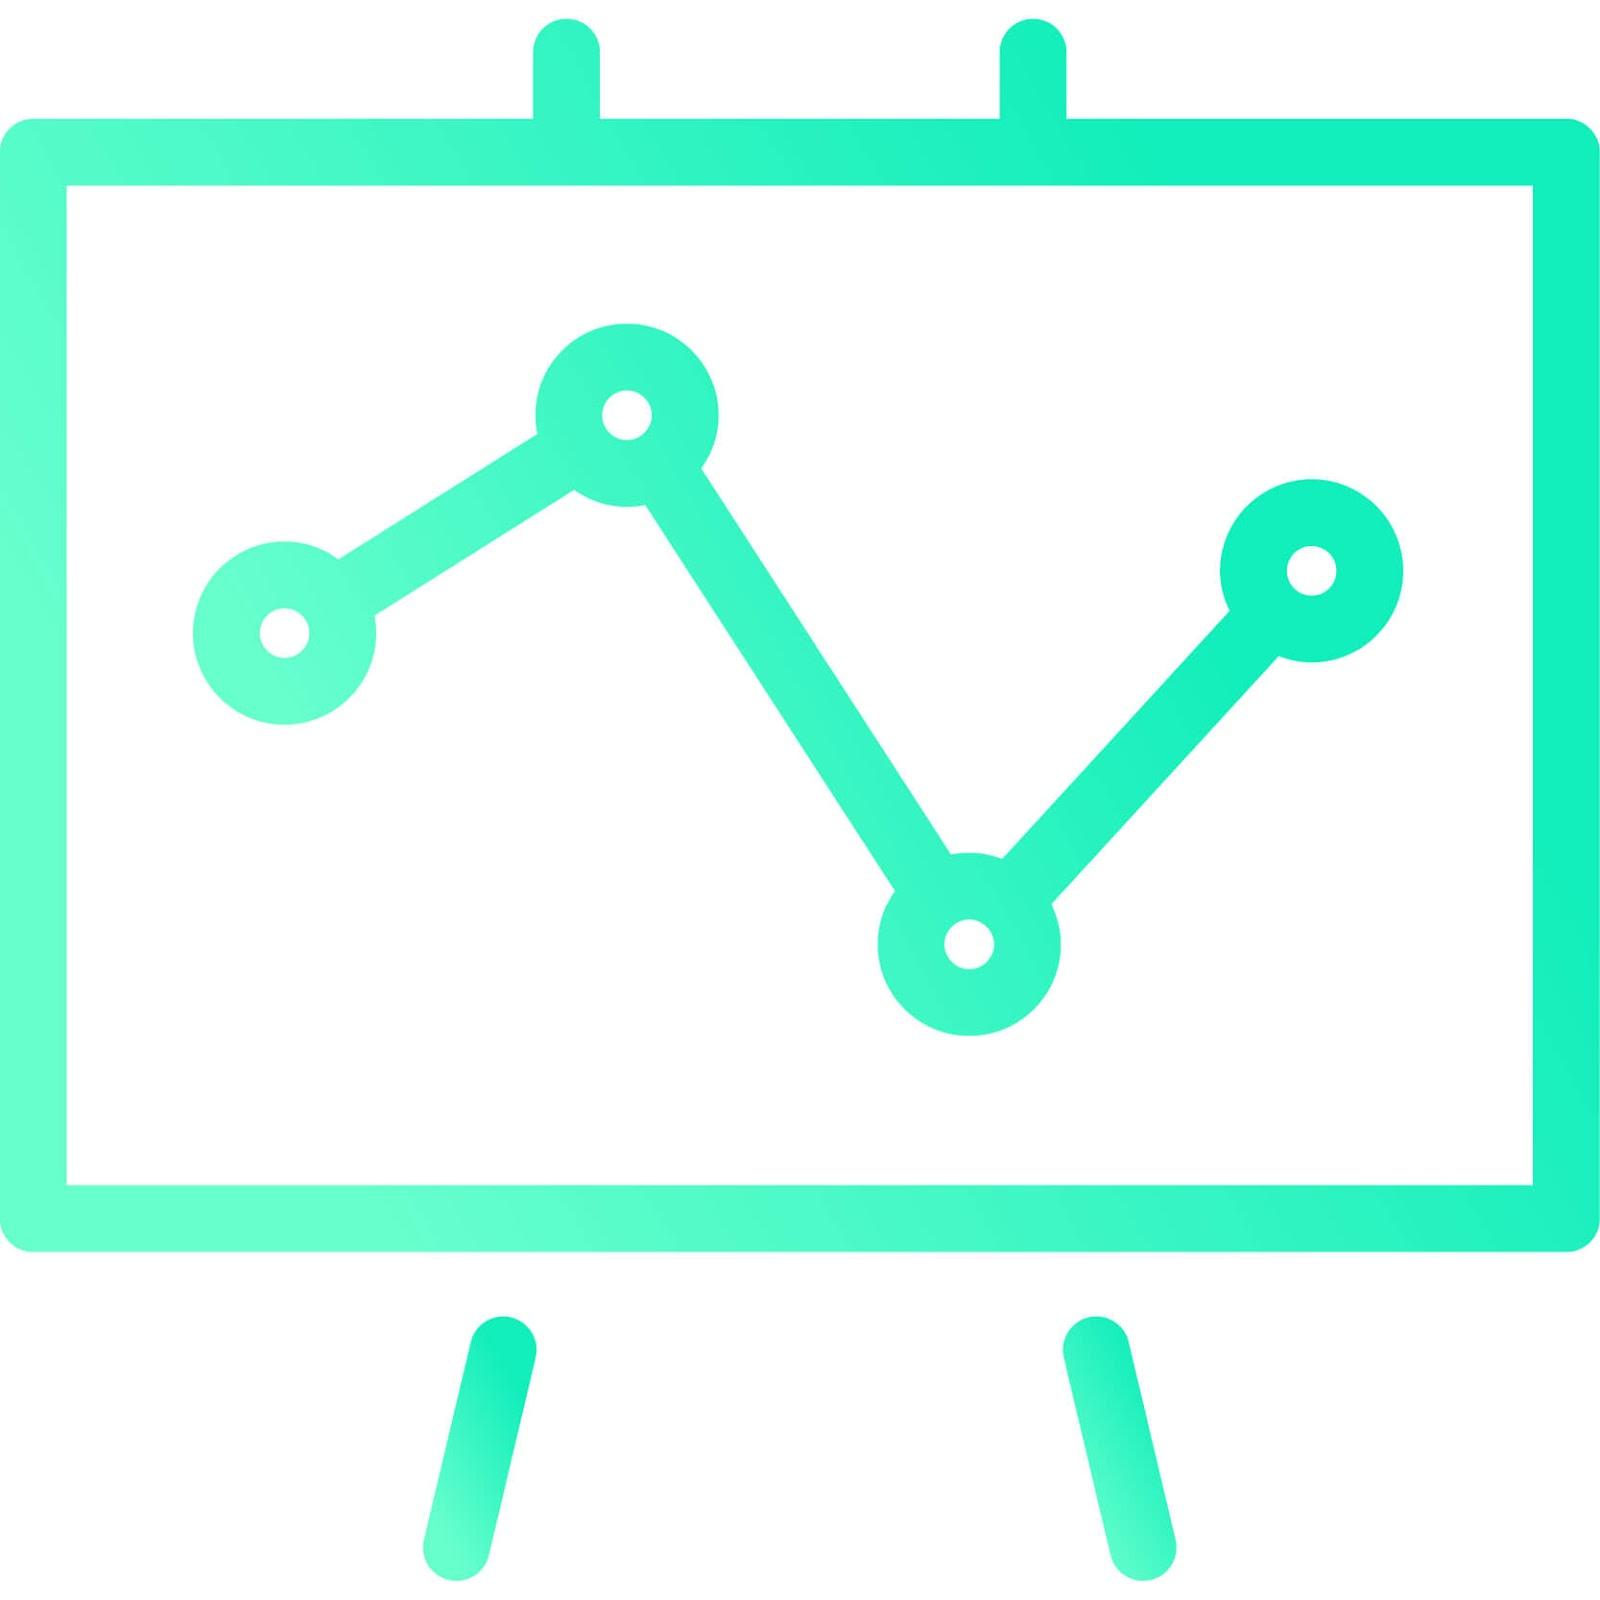 Set measurable KPIs using the SMART goal framework.